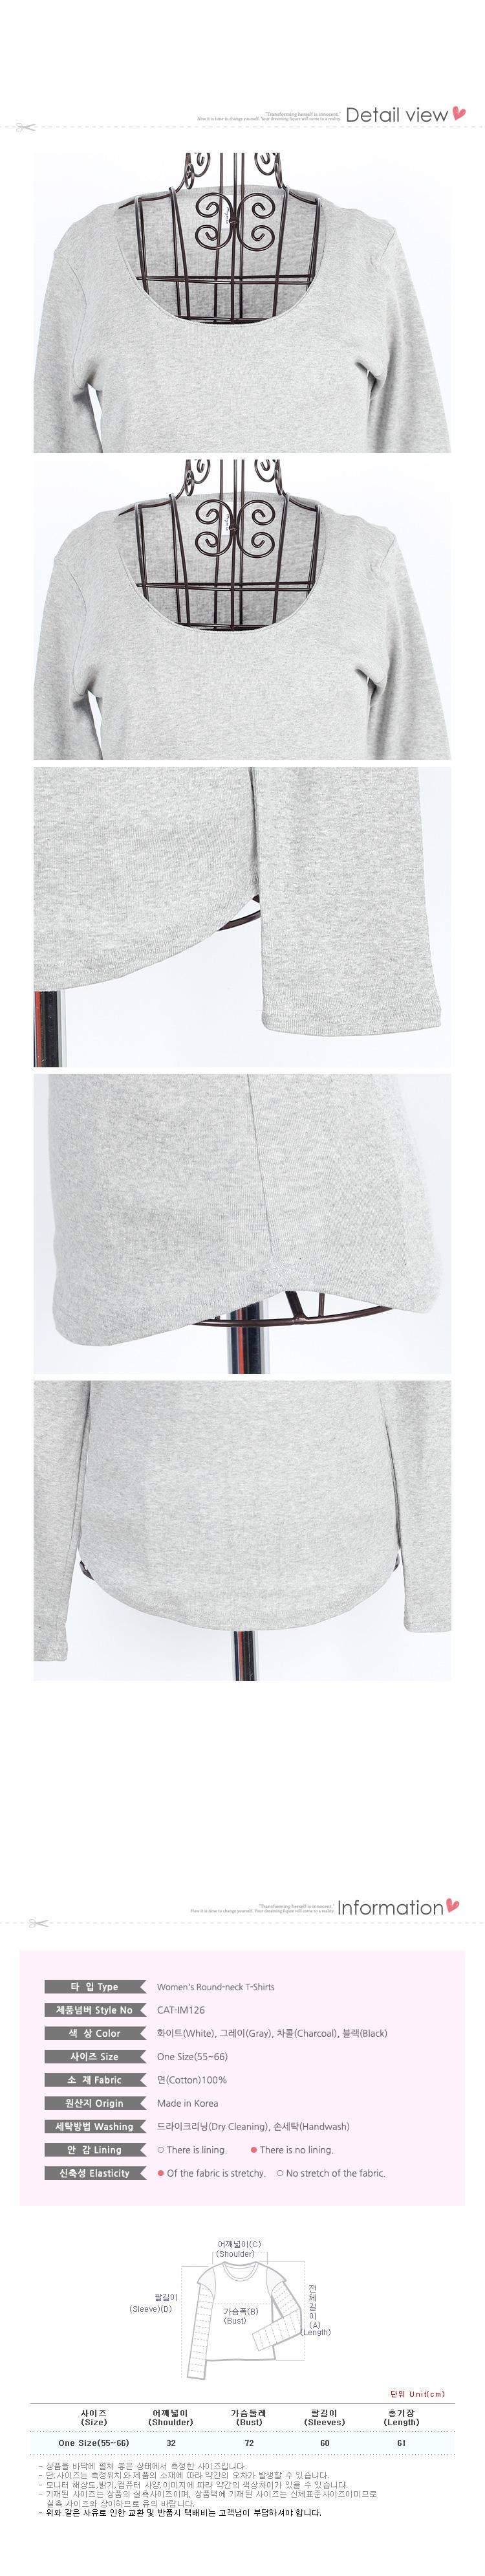 밑가시 라운드넥 긴팔 티셔츠9,800원-쿠비카패션의류, 여성상의, 긴팔티, 긴팔티바보사랑밑가시 라운드넥 긴팔 티셔츠9,800원-쿠비카패션의류, 여성상의, 긴팔티, 긴팔티바보사랑